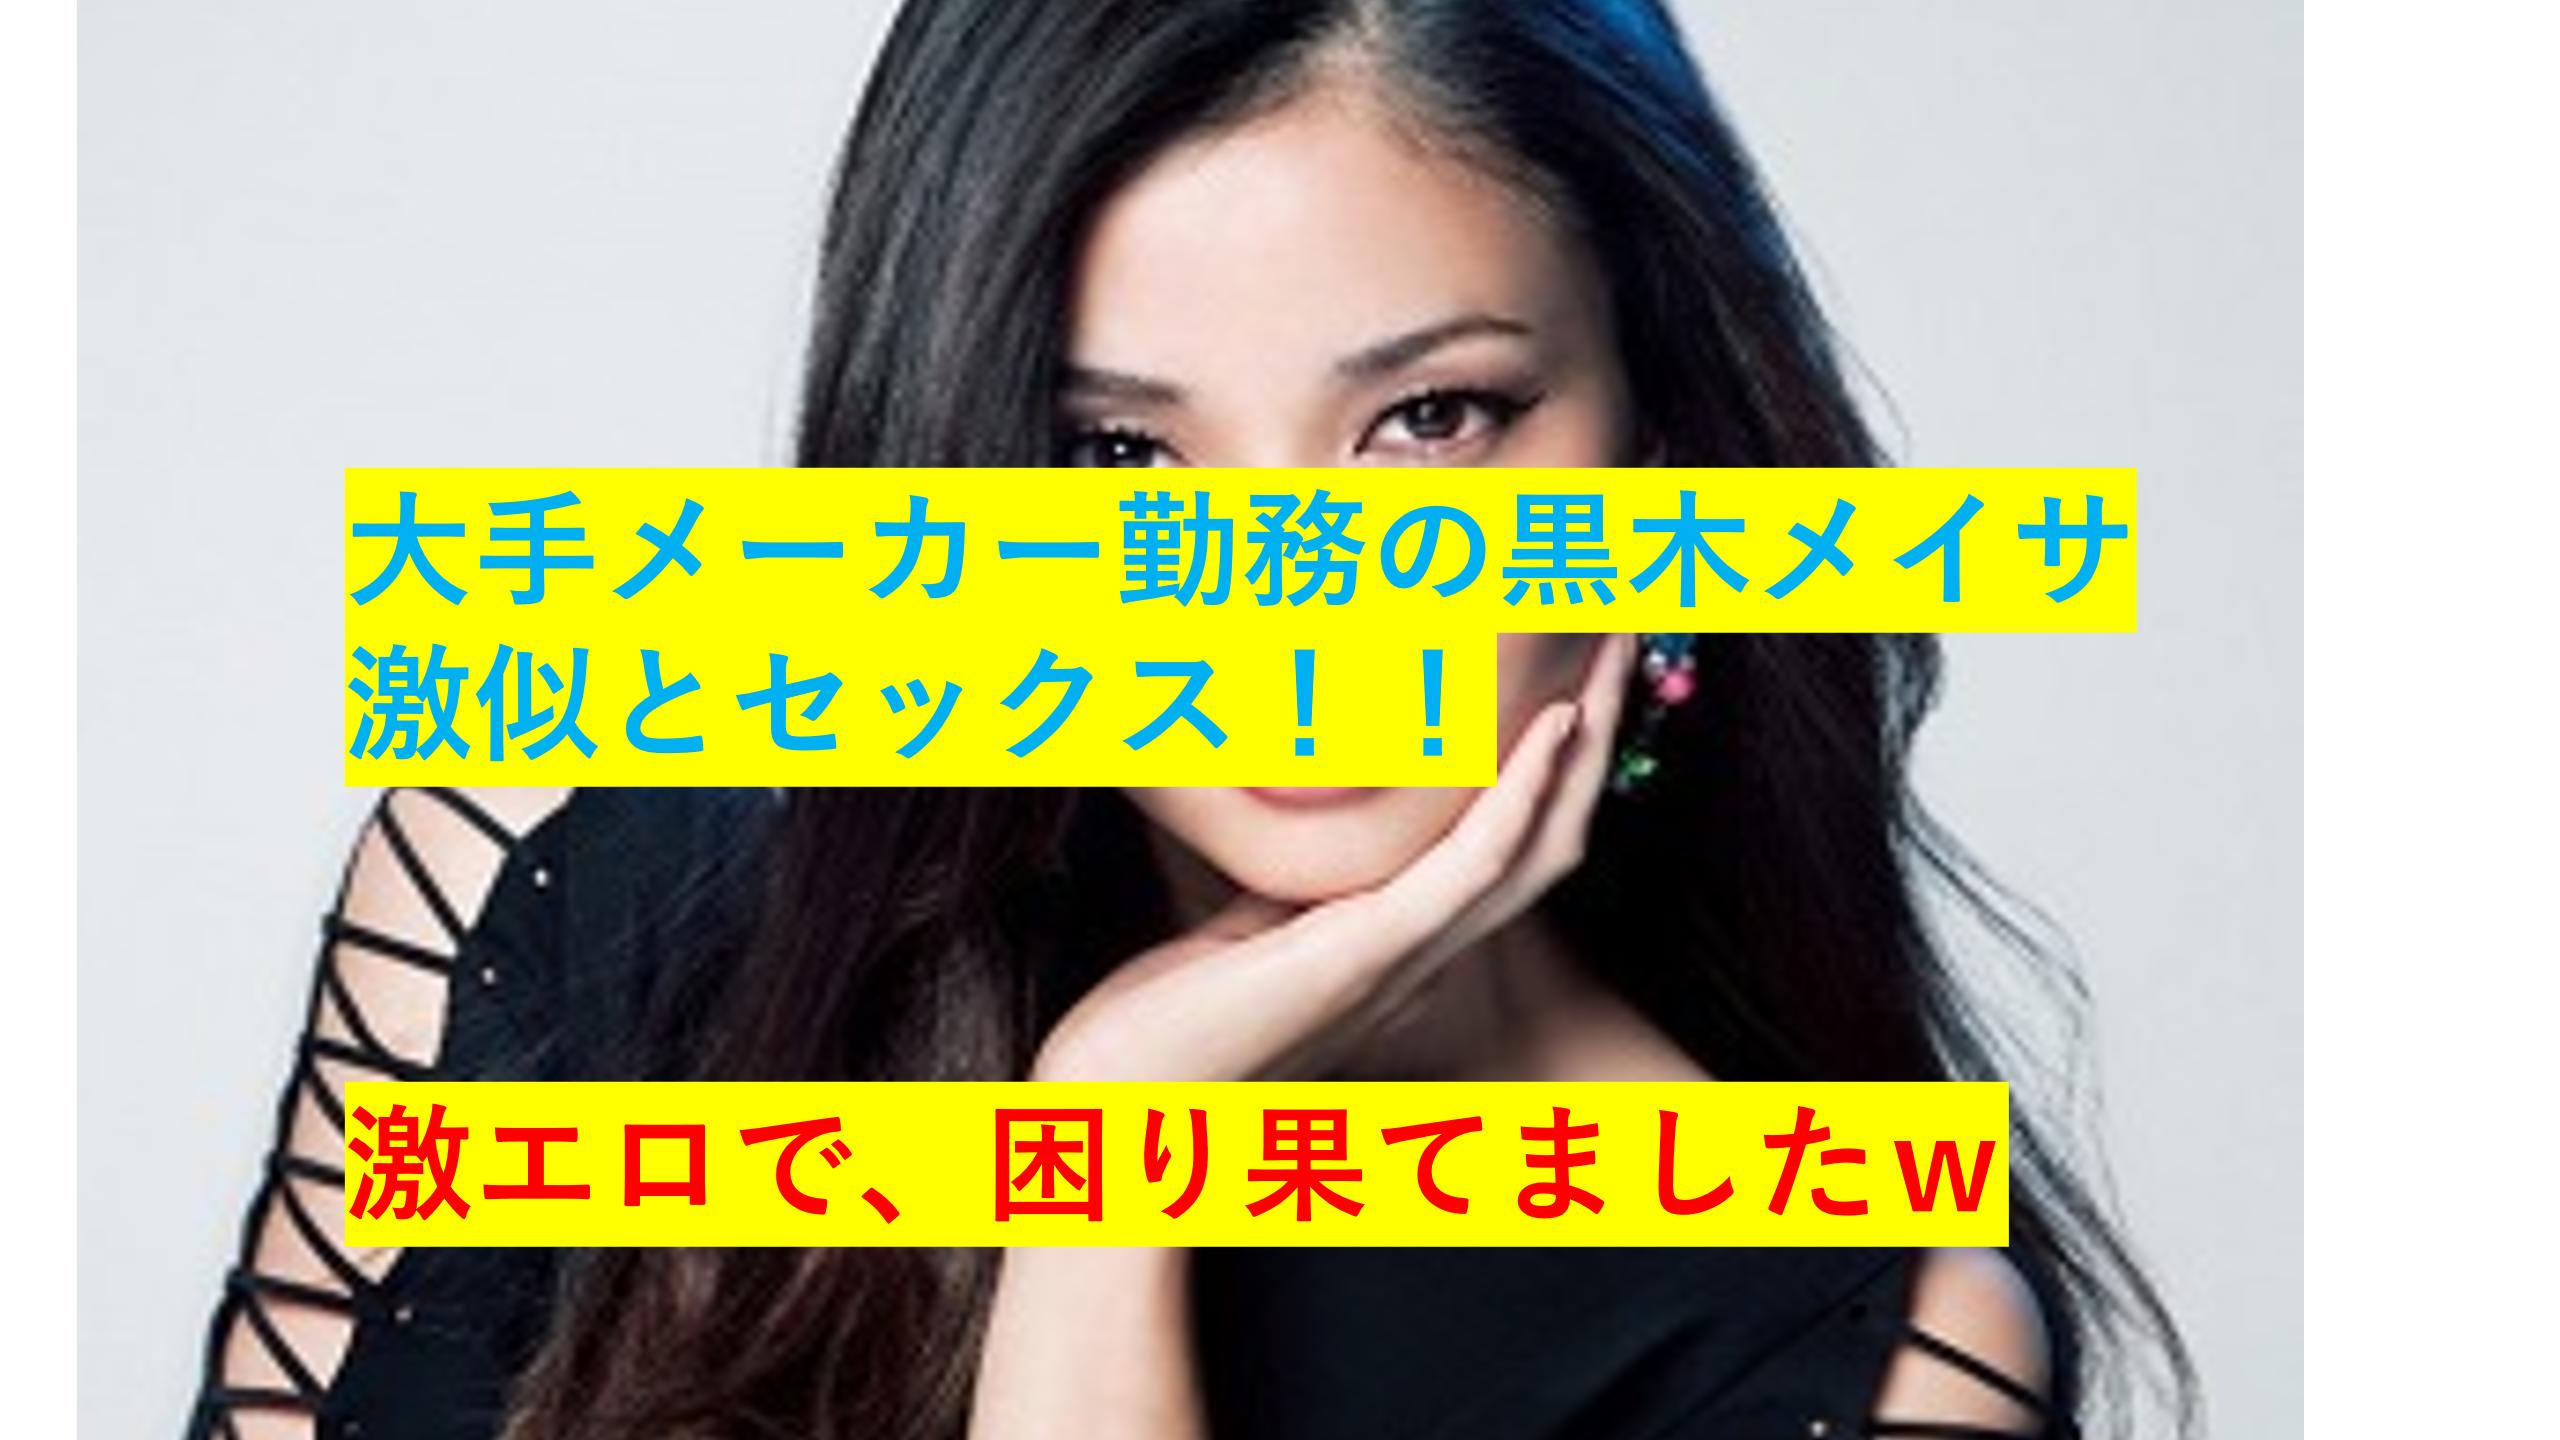 【ナンパの仕方】新宿の極秘ナンパスポットでナンパした黒木メイサ似準即!!